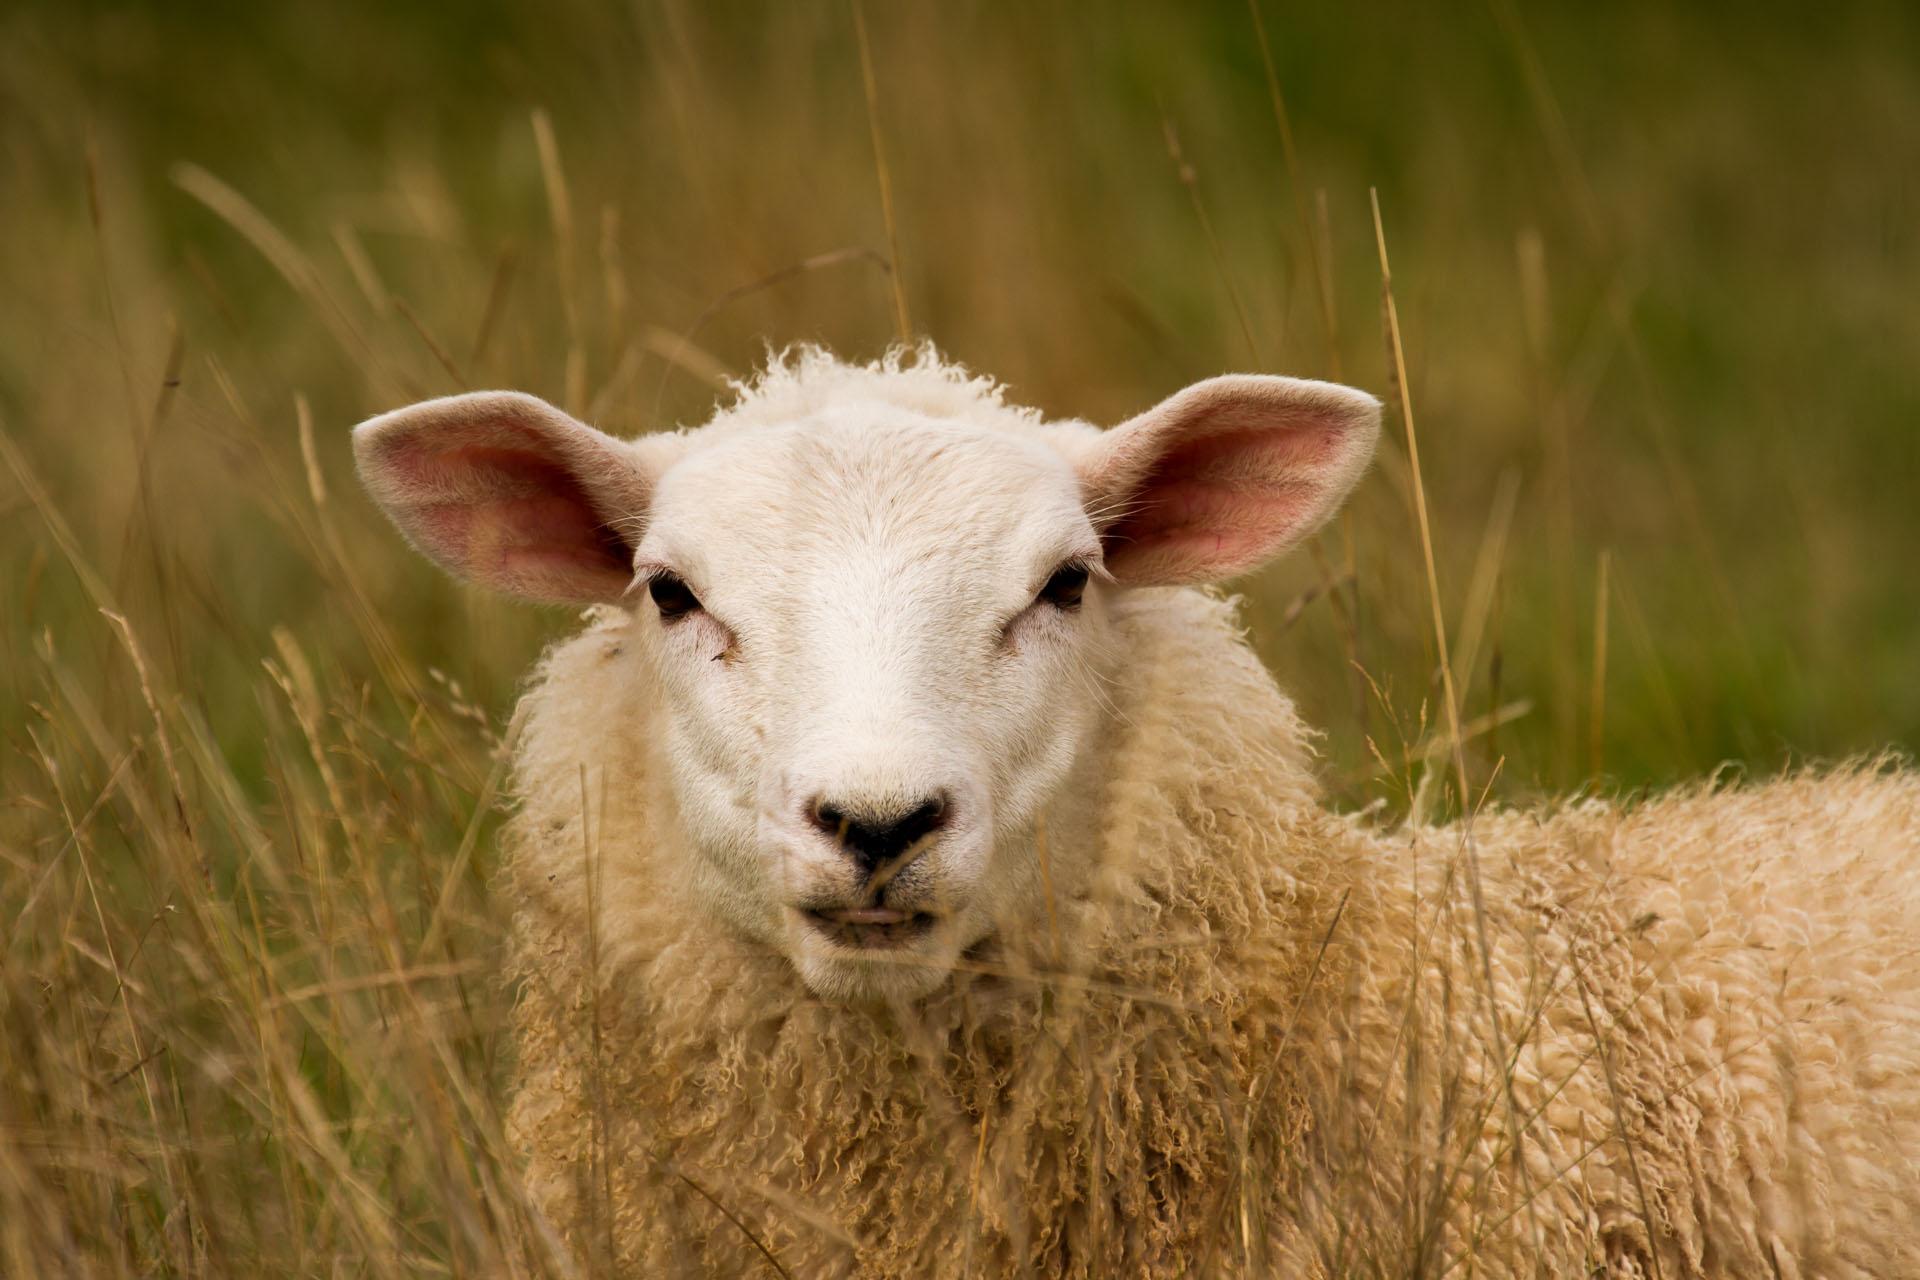 Butchered lamb clipart vector transparent Free Lamb Clipart wales, Download Free Clip Art on Owips.com vector transparent